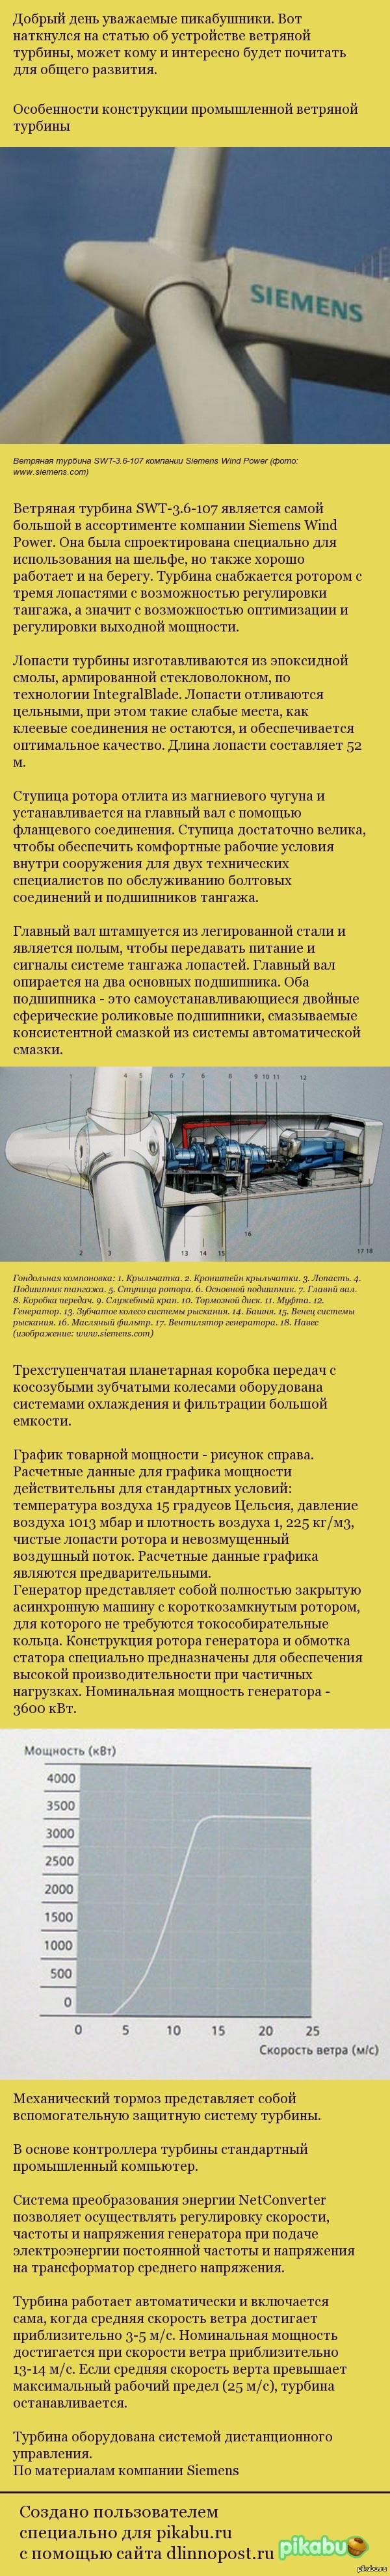 Особенности конструкции промышленной ветряной турбины Для тех, кому это интересно.